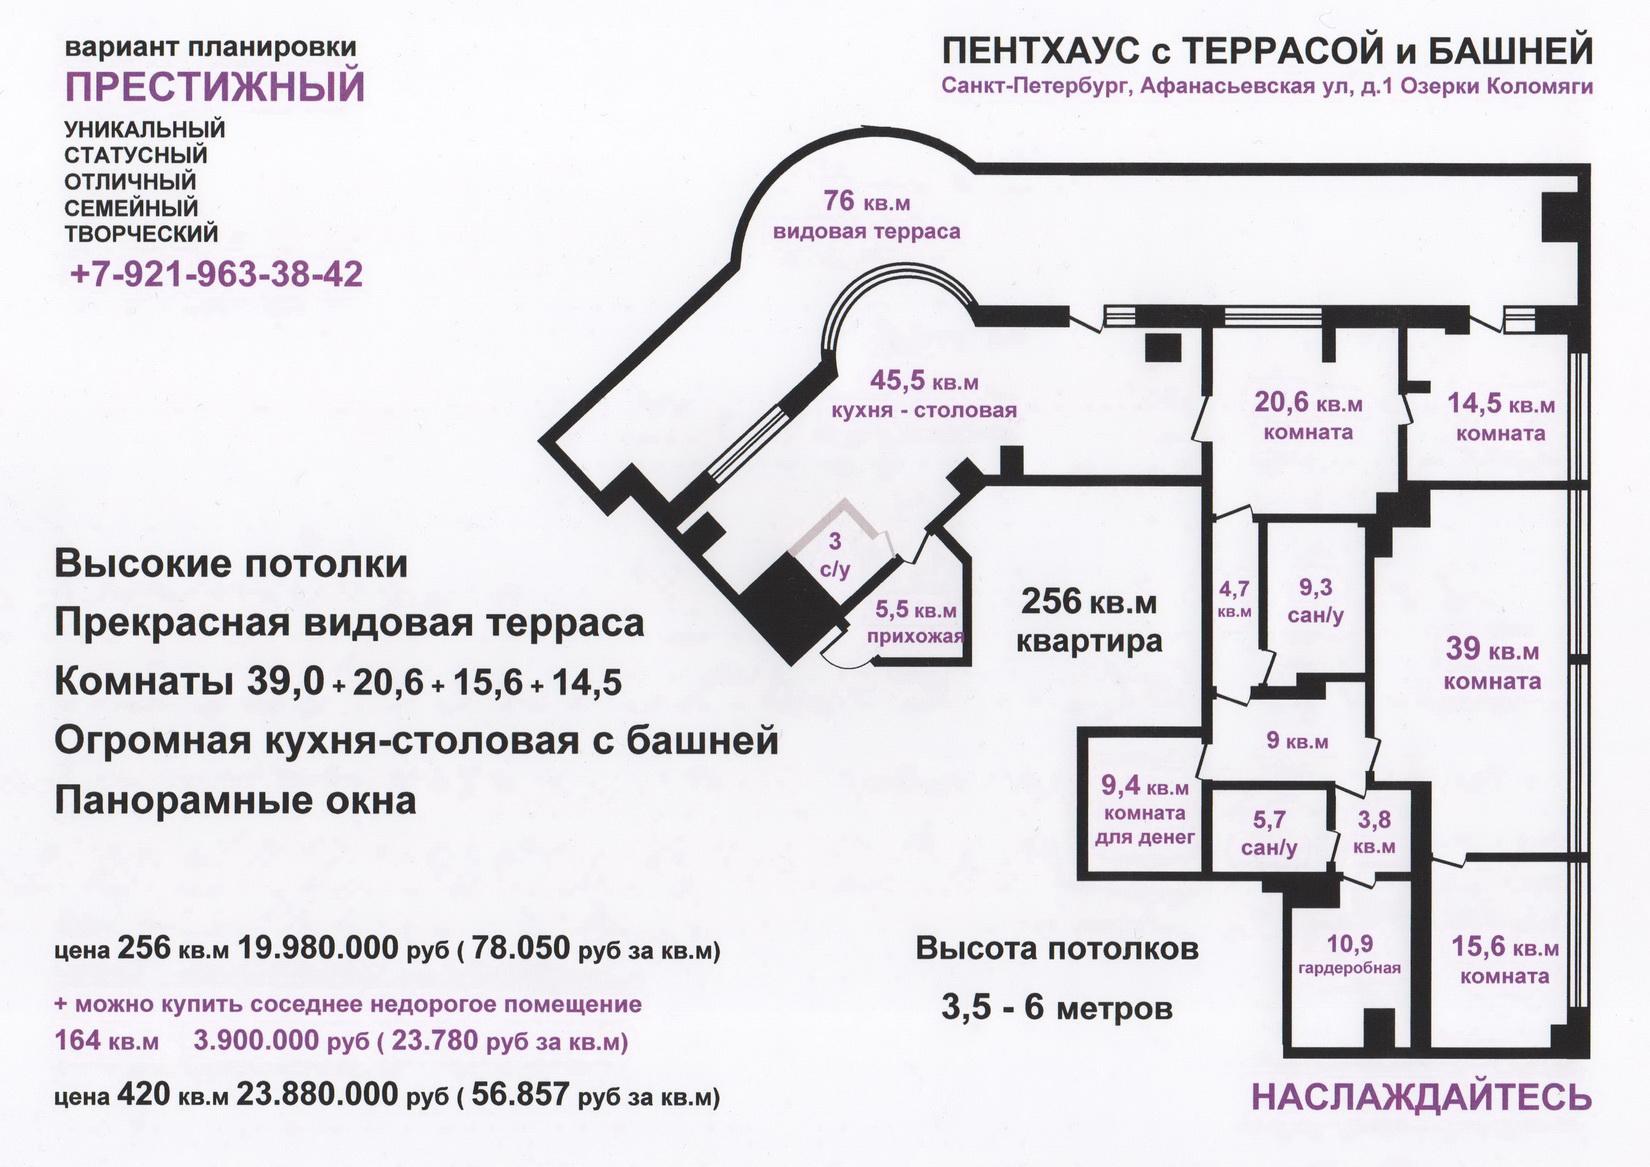 500 Пентхаус СПб вариант 2 ПРЕСТИЖНЫЙ от 090817 реклама